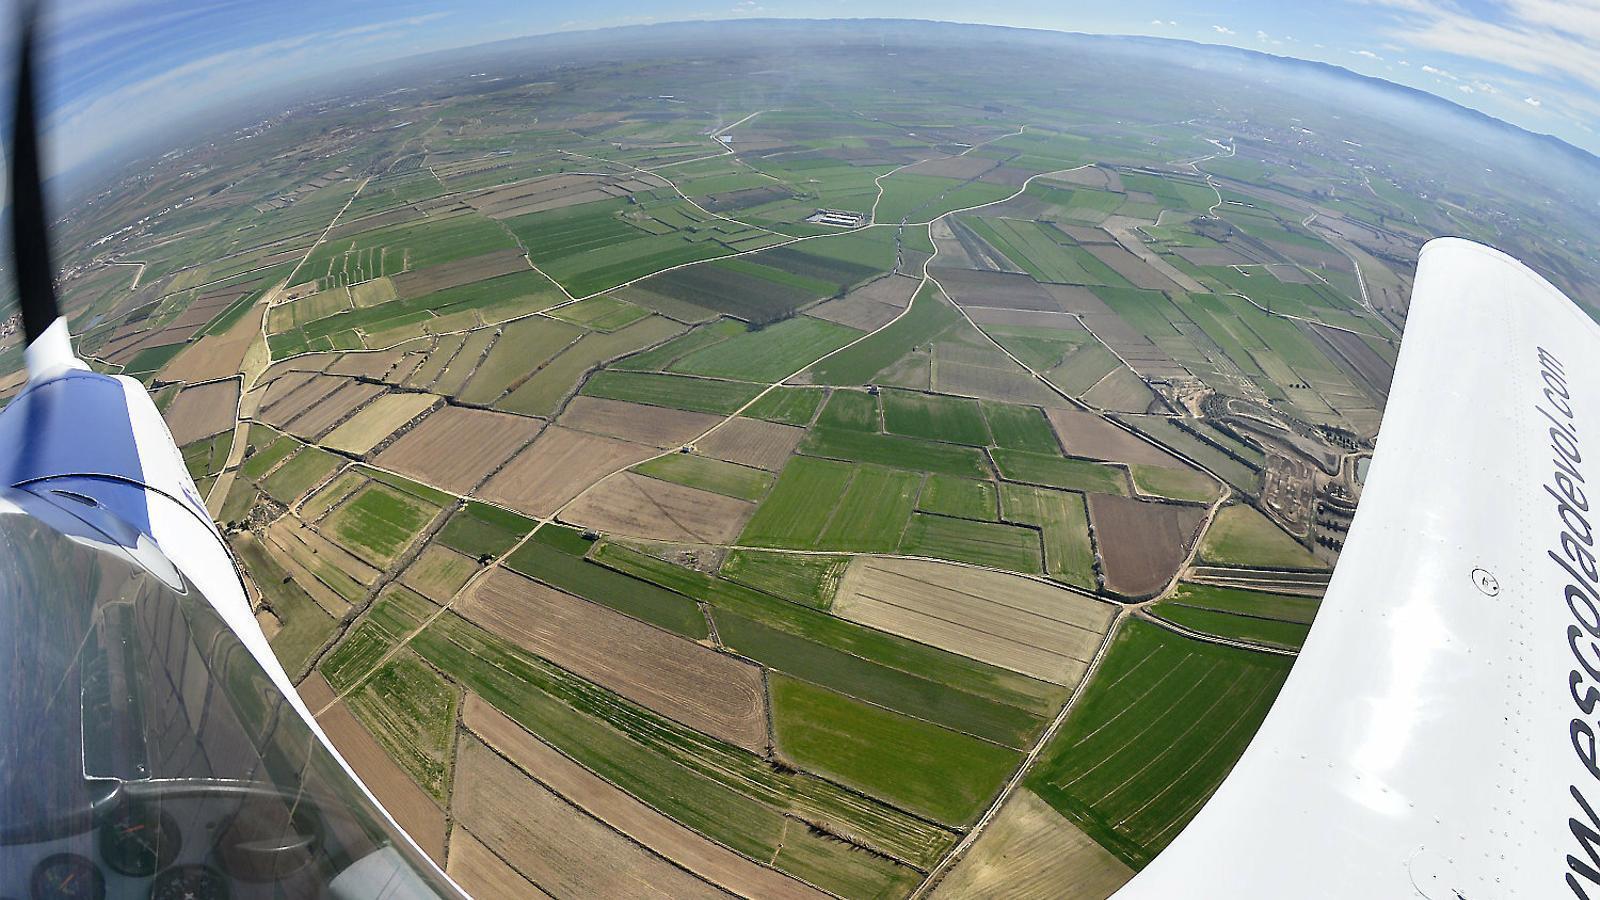 Imatge aèria d'uns camps conreats a Mollerussa, al Pla d'Urgell, en una imatge d'arxiu.